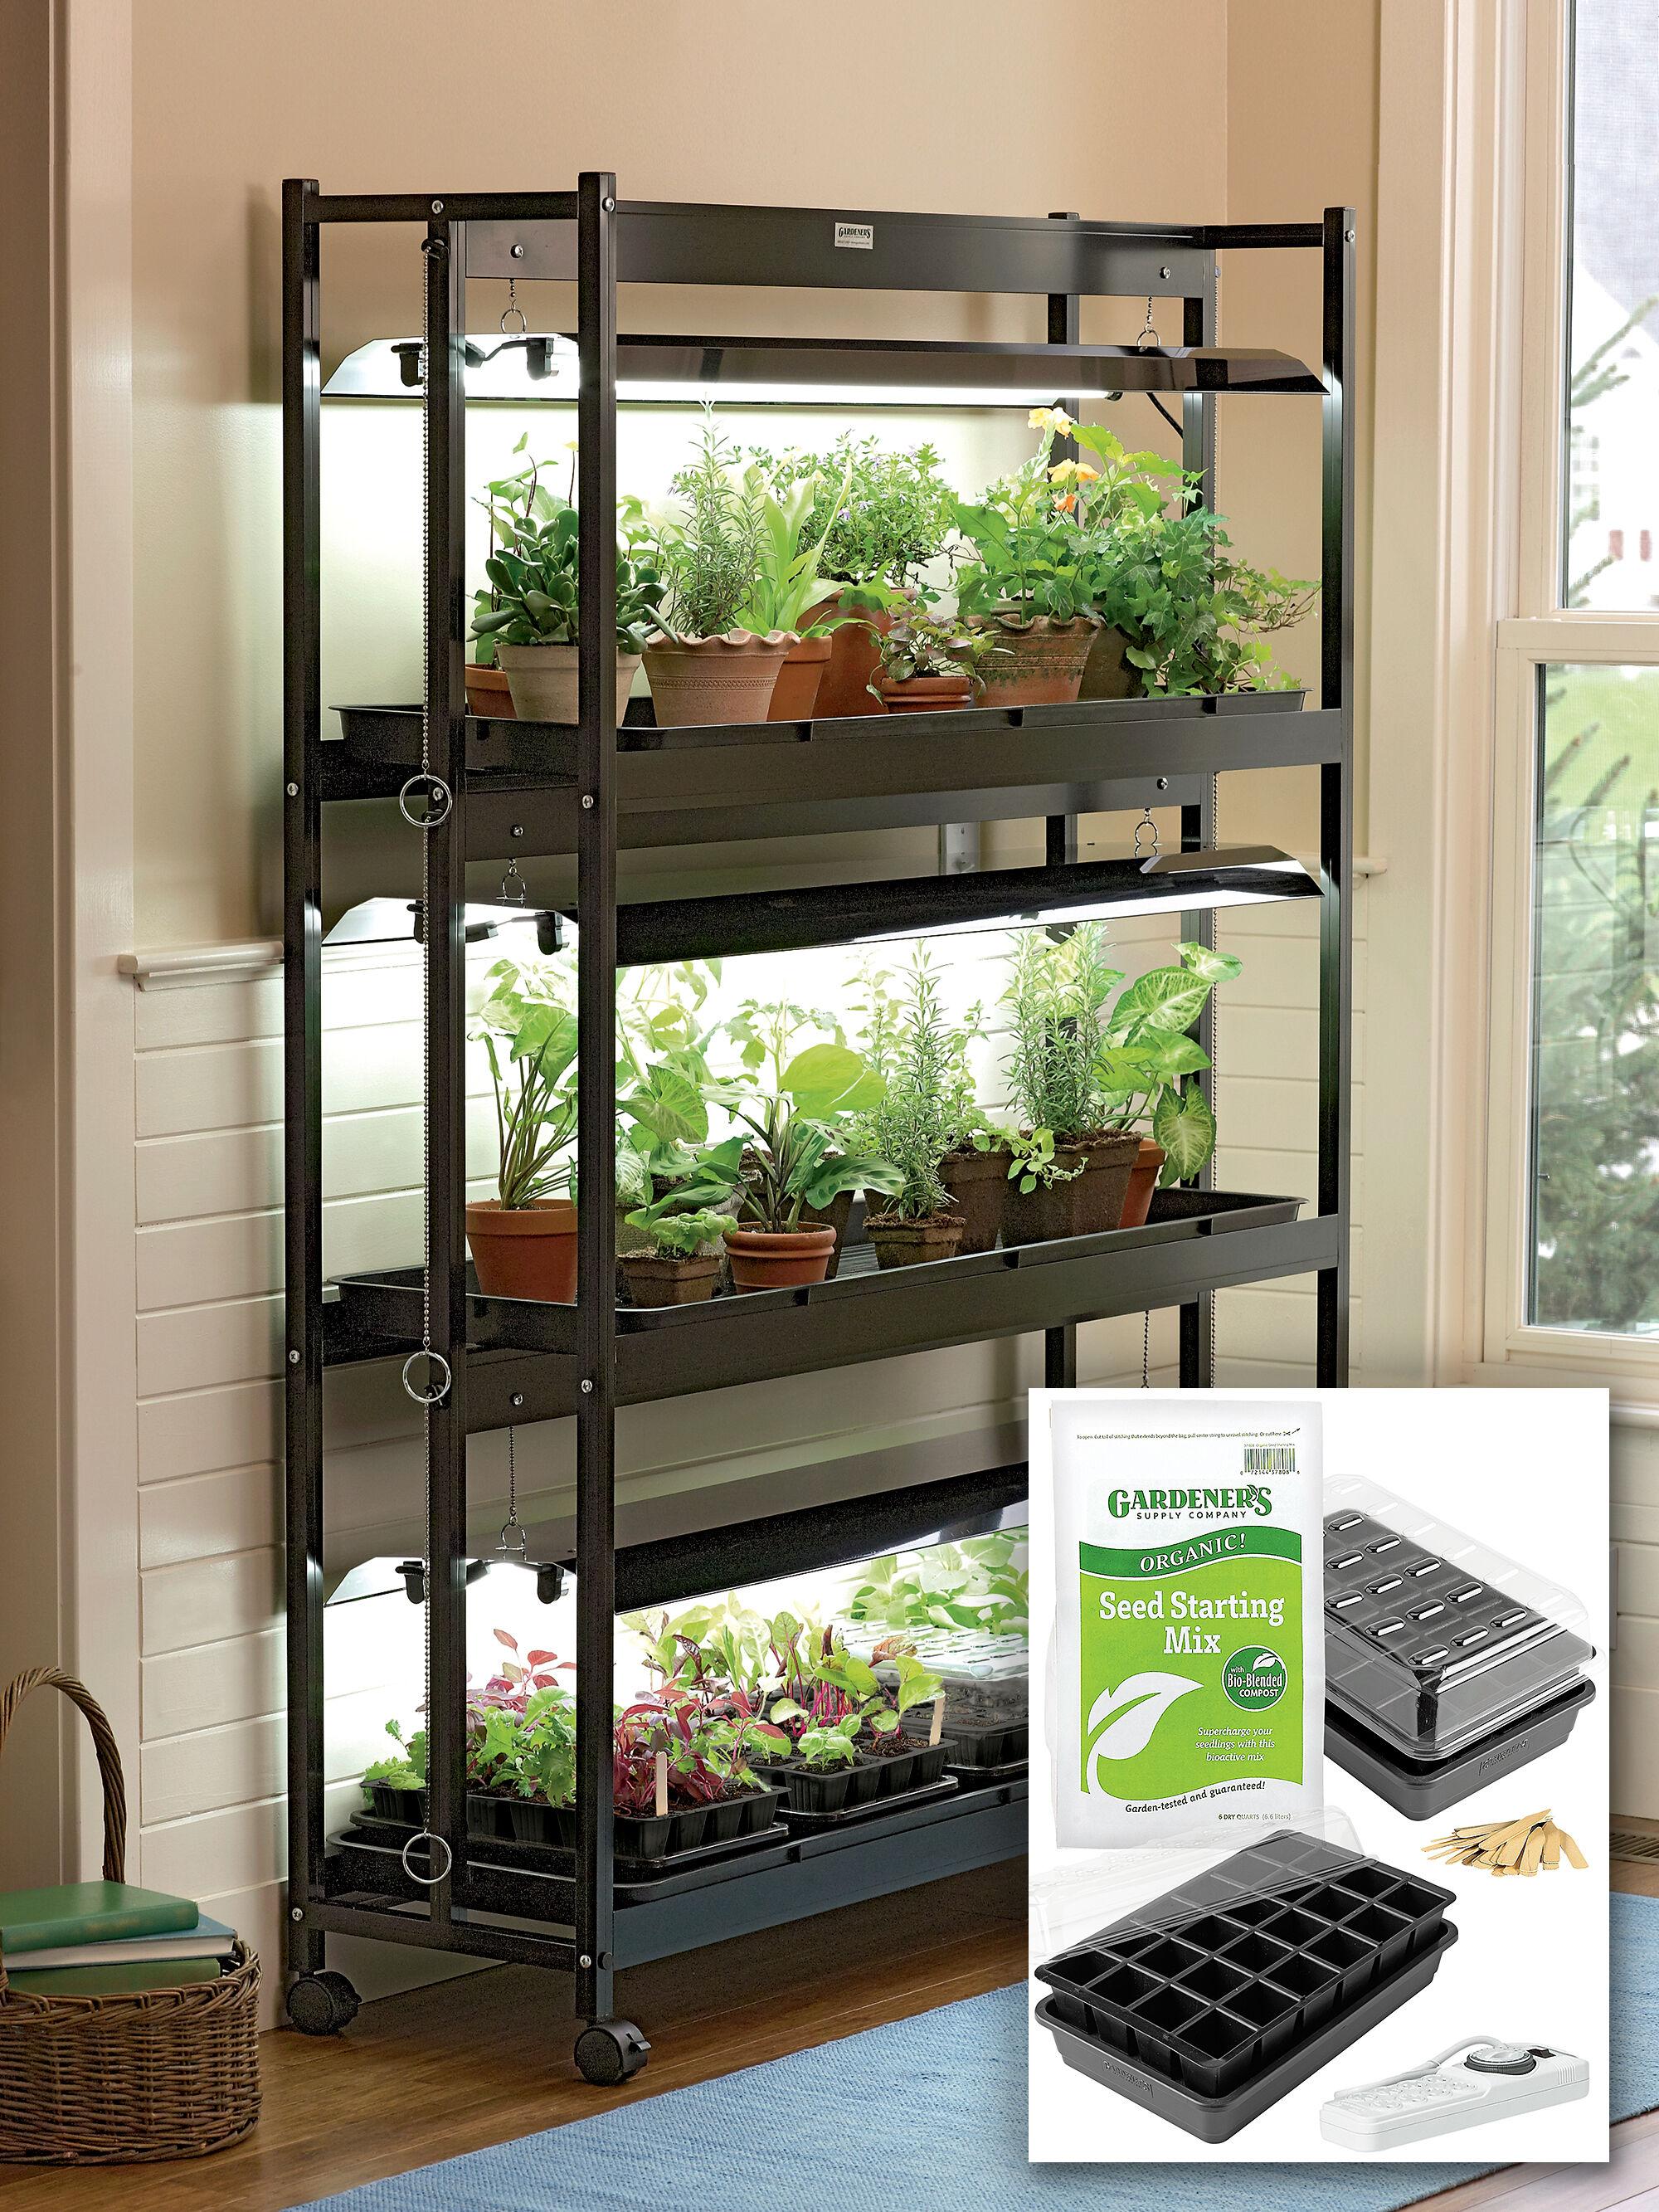 Indoor Vegetable Garden Tips Starting Vegetable Gardens from Seeds